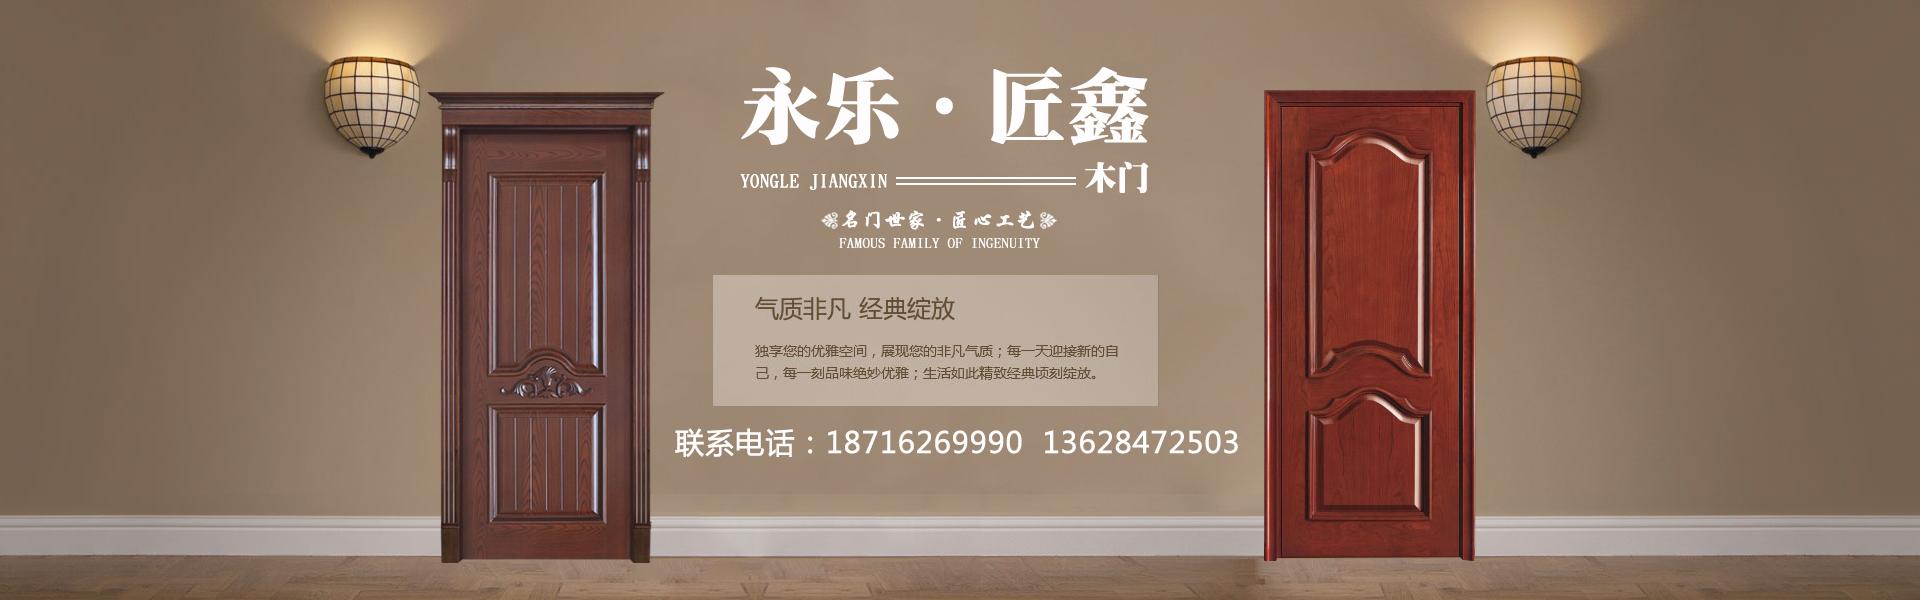 重庆木门,重庆实木门,重庆套装门电话:13452062778  18716269990